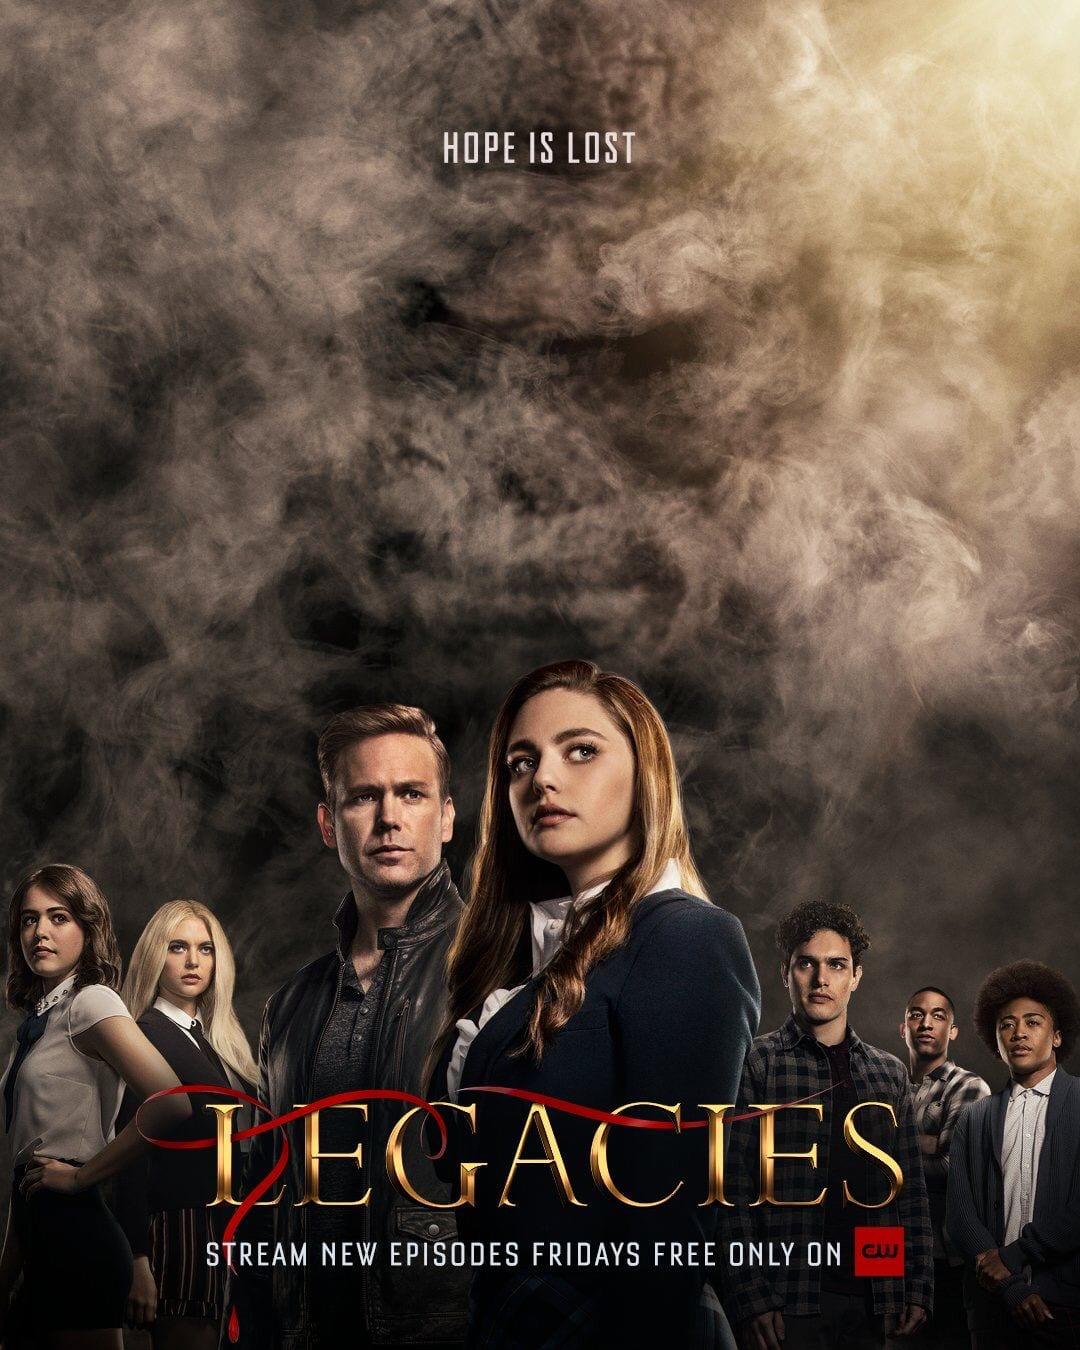 Legacies teaser image